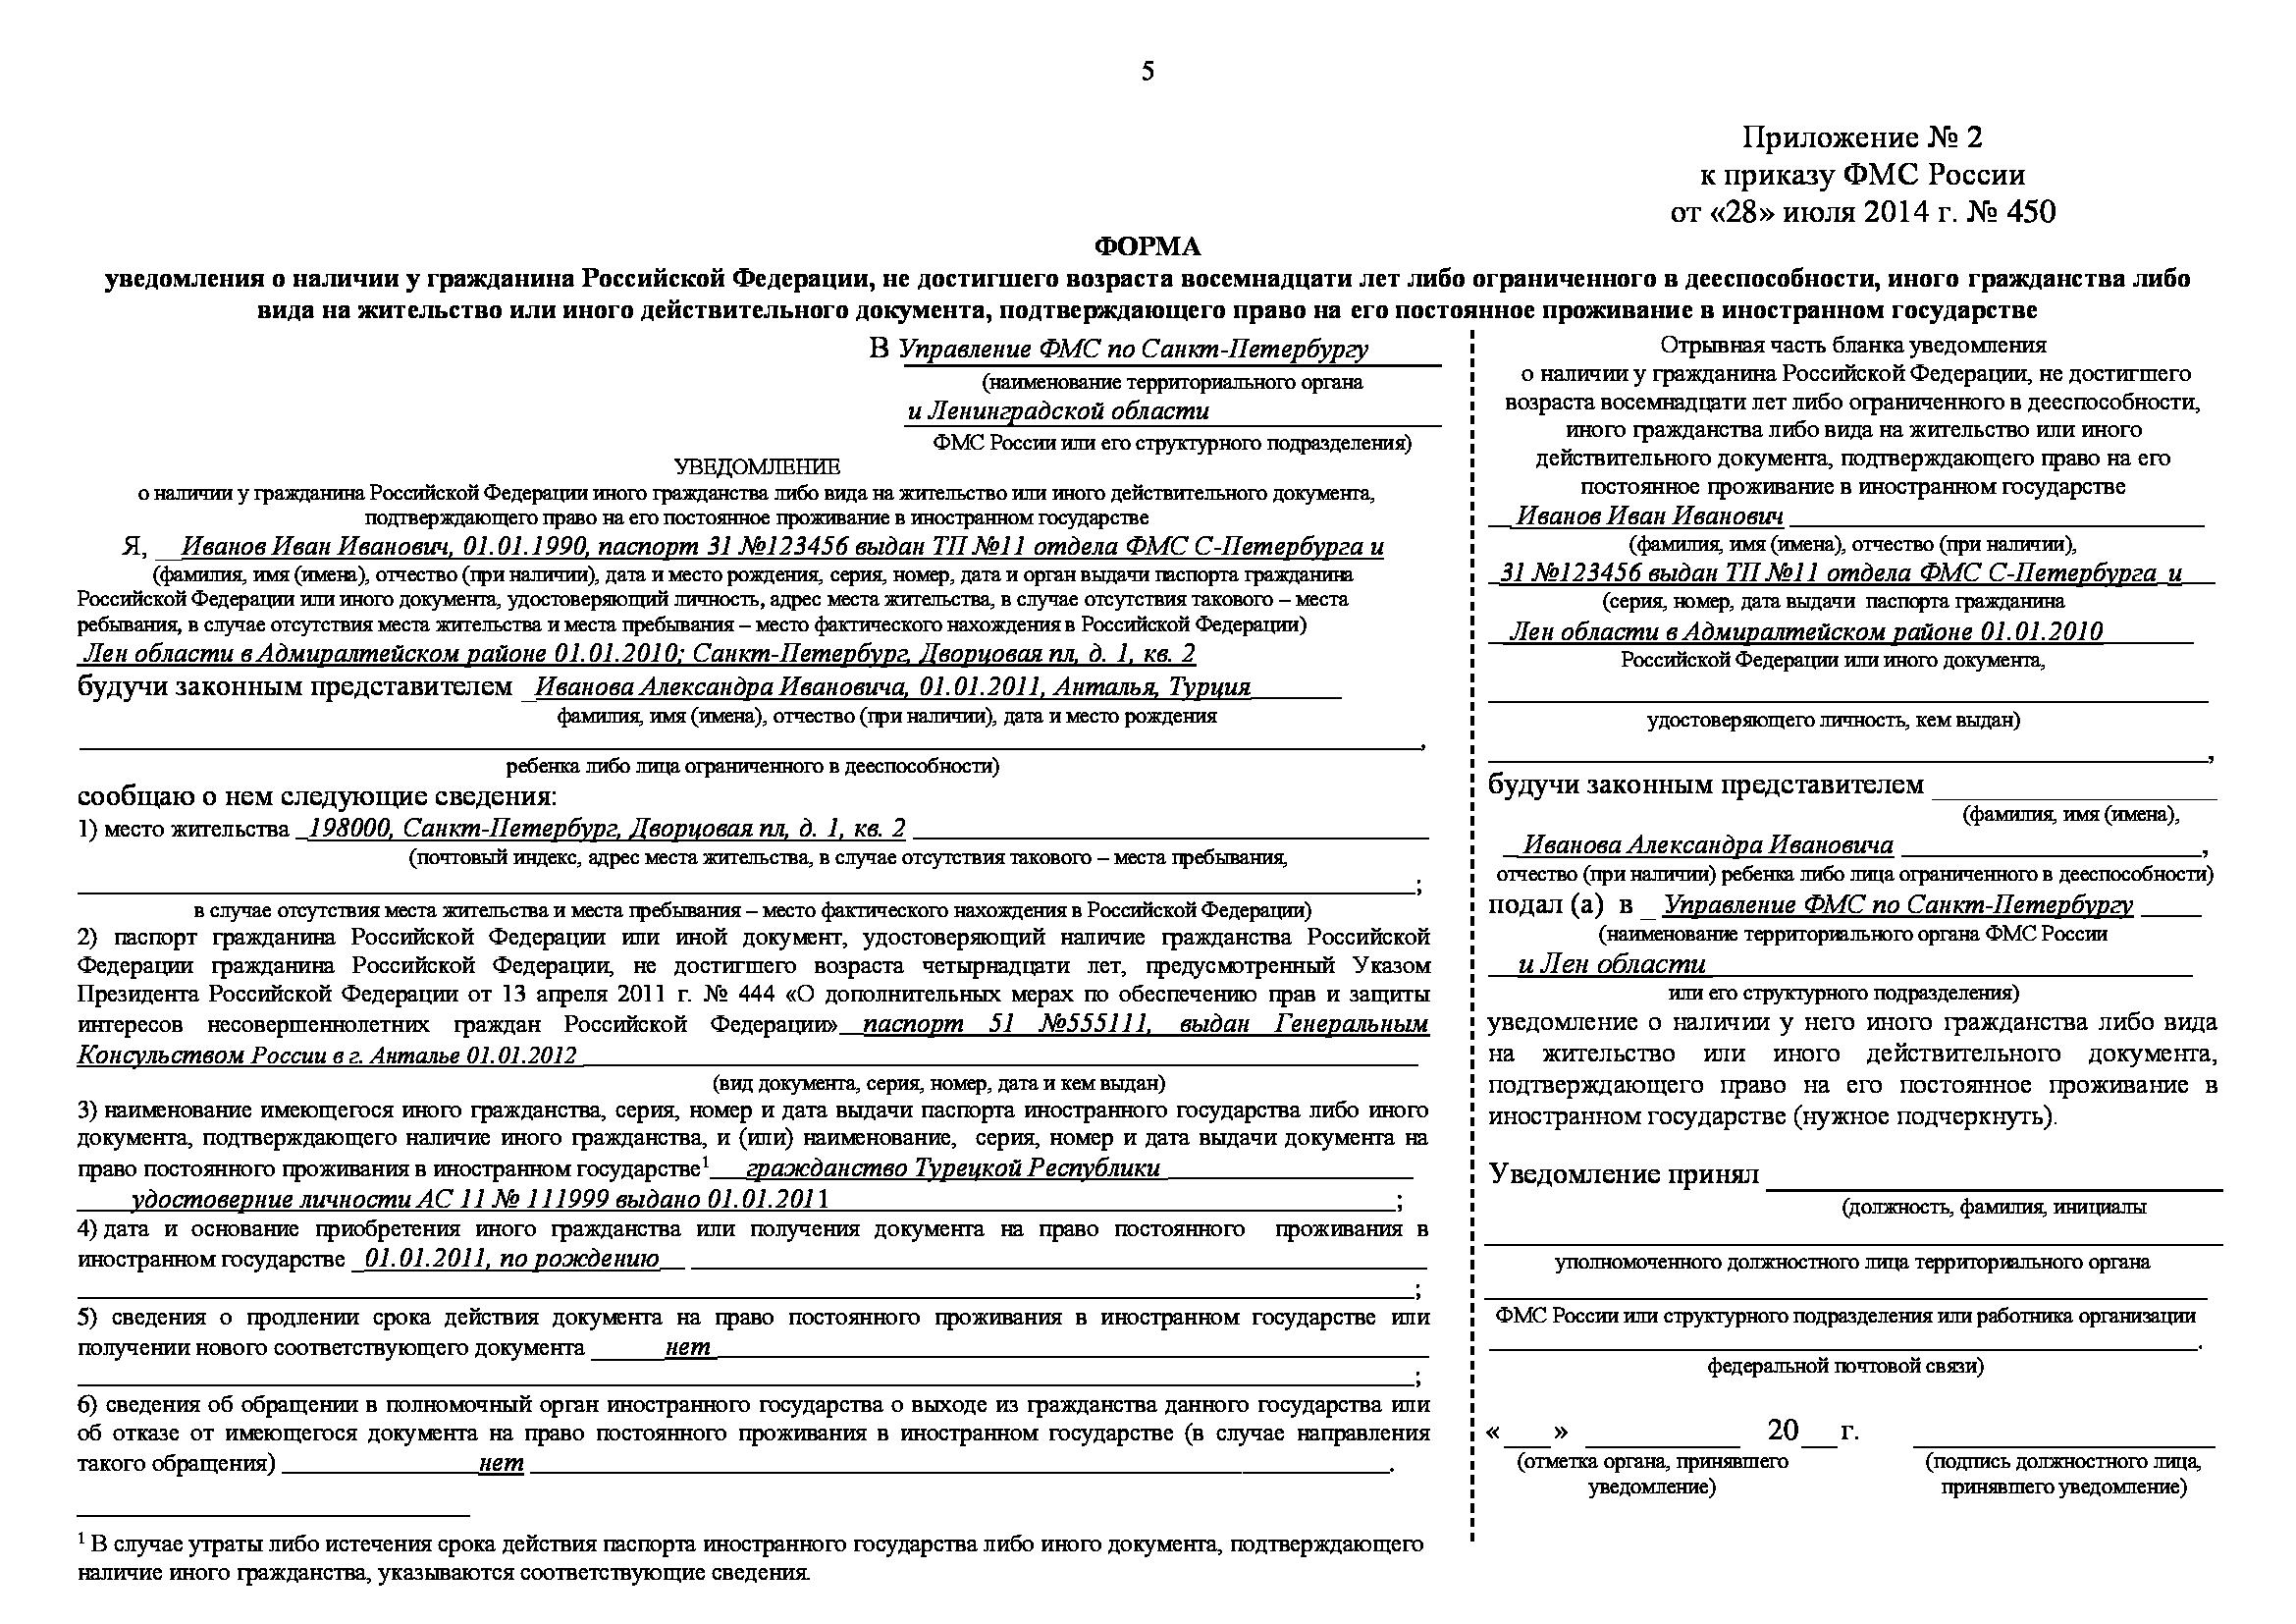 Что такое уведомление о втором гражданстве, и зачем вообще нужно о нем уведомлять органы?